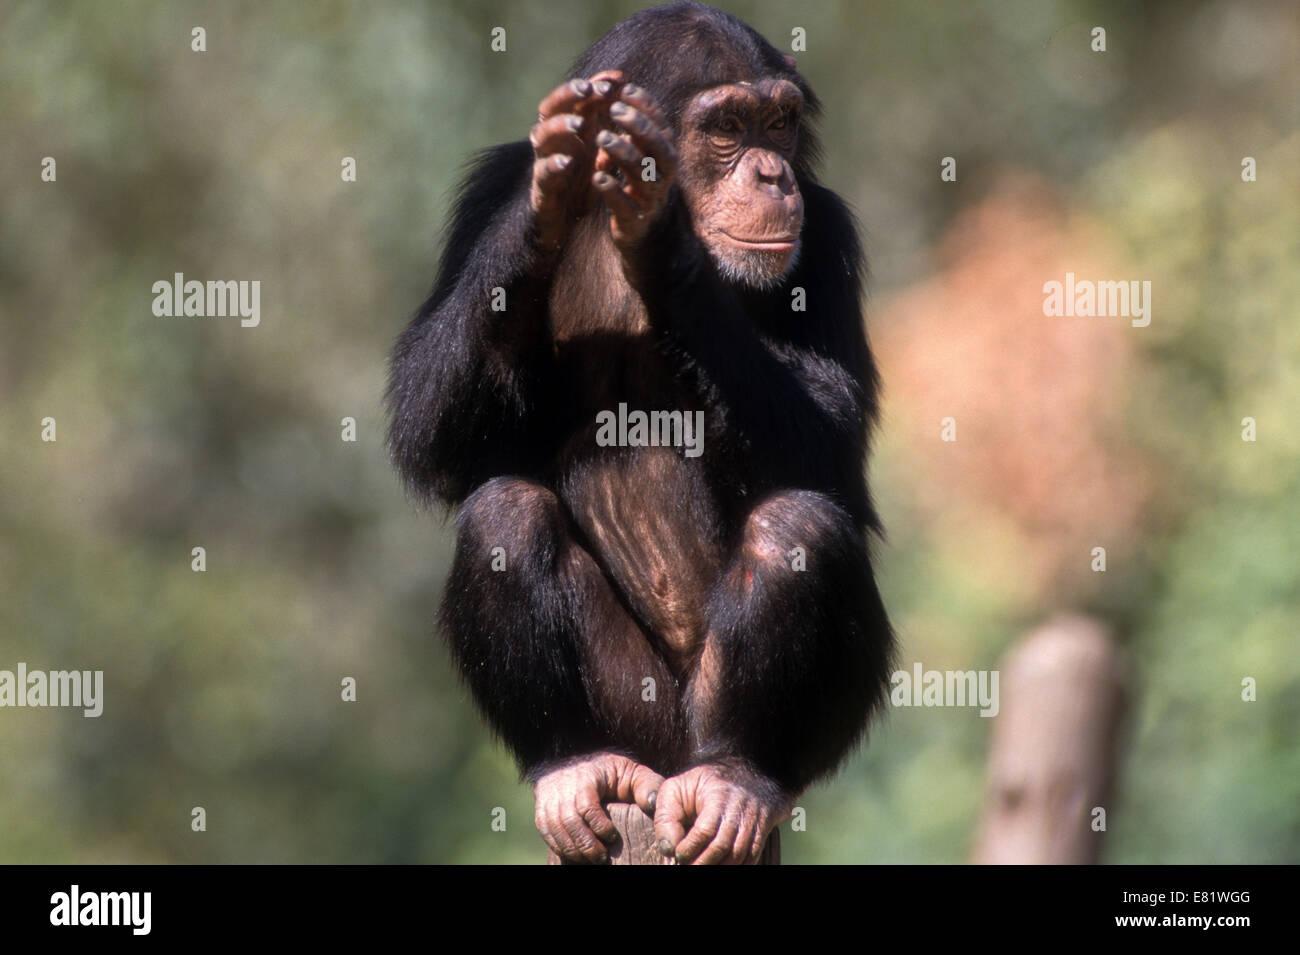 Closeup ritratto di uno scimpanzé (Pan troglodytes) in cattività in uno zoo Immagini Stock